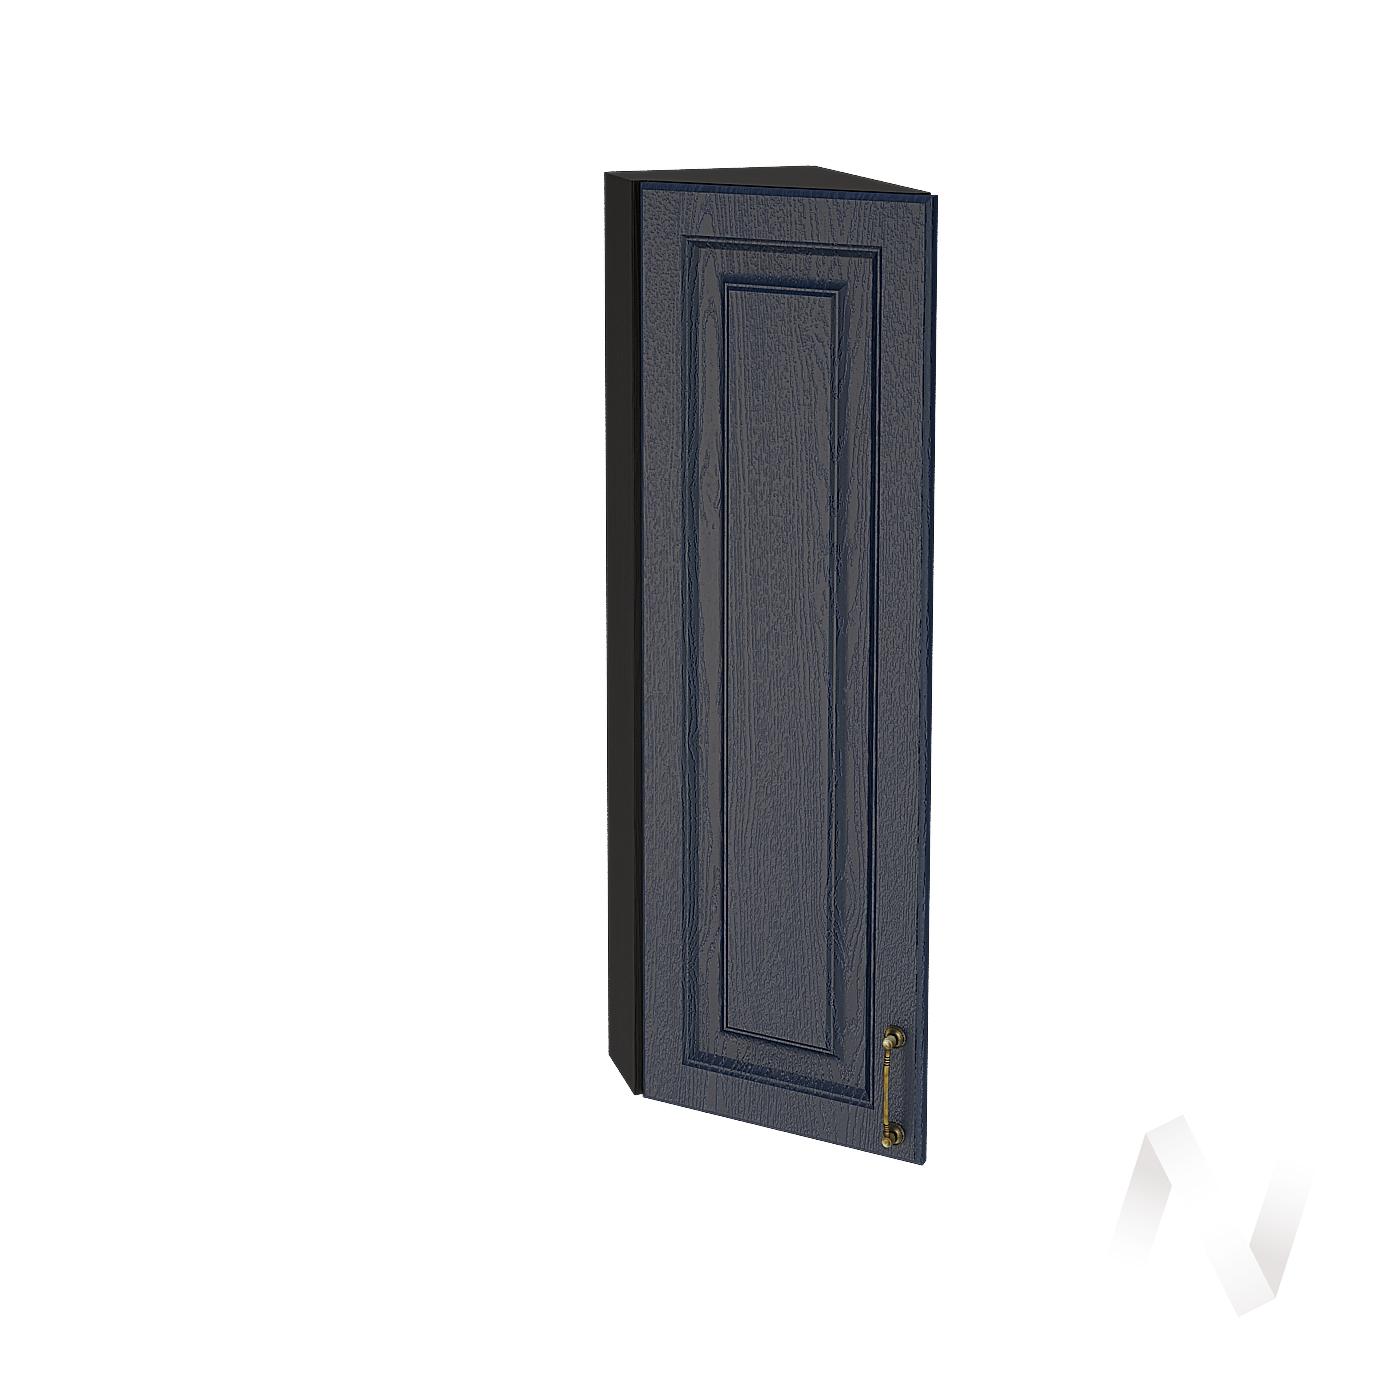 """Кухня """"Ницца"""": Шкаф верхний торцевой 224Н, ШВТ 224Н (Дуб чернильный/корпус венге)"""